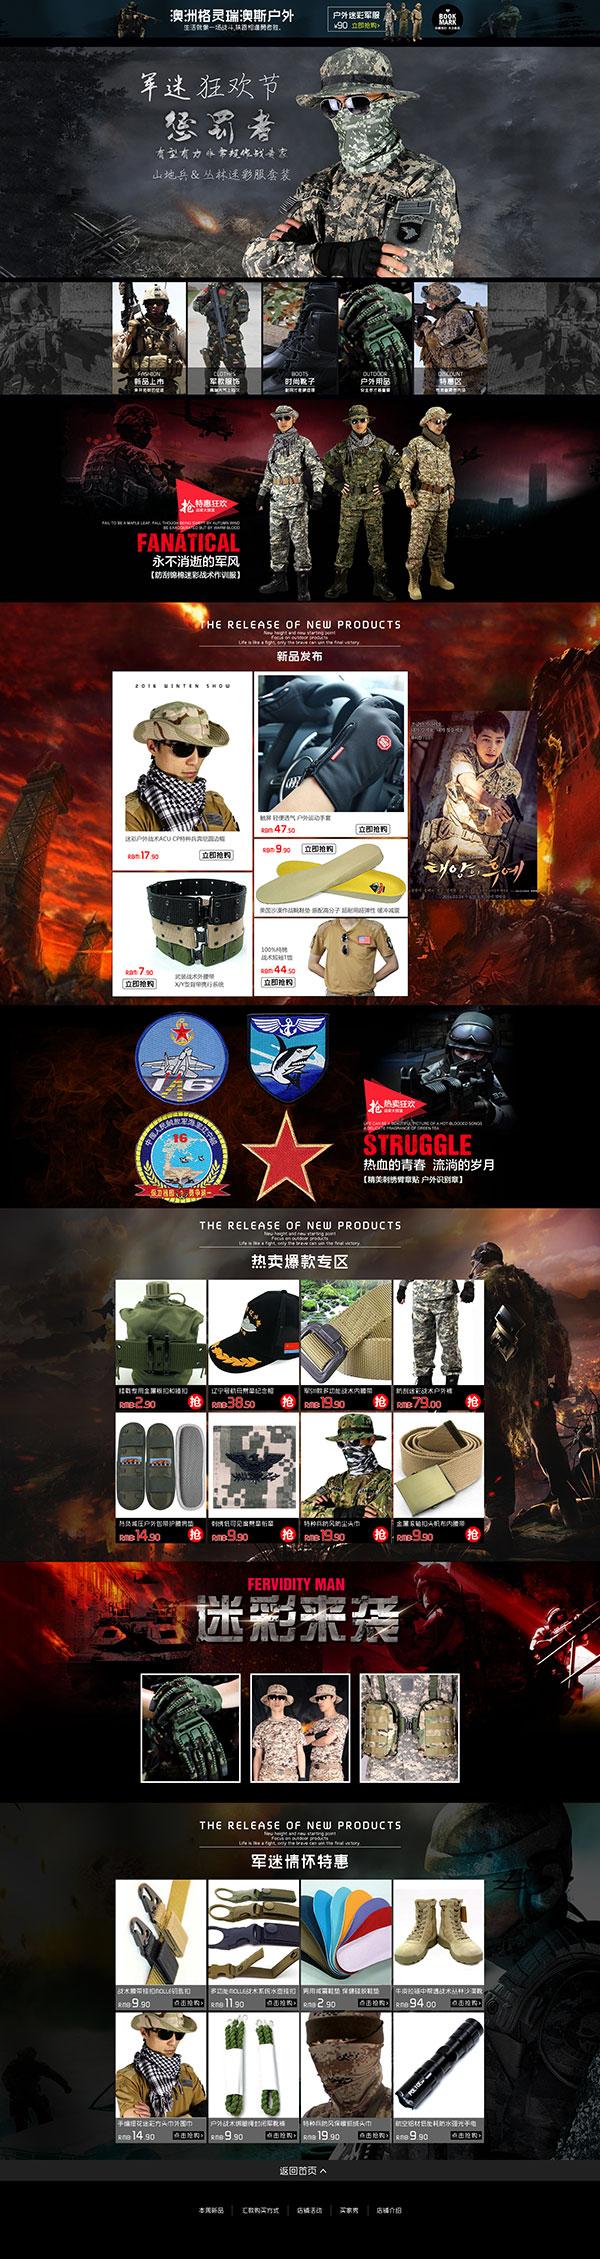 军事用品网站首页图片